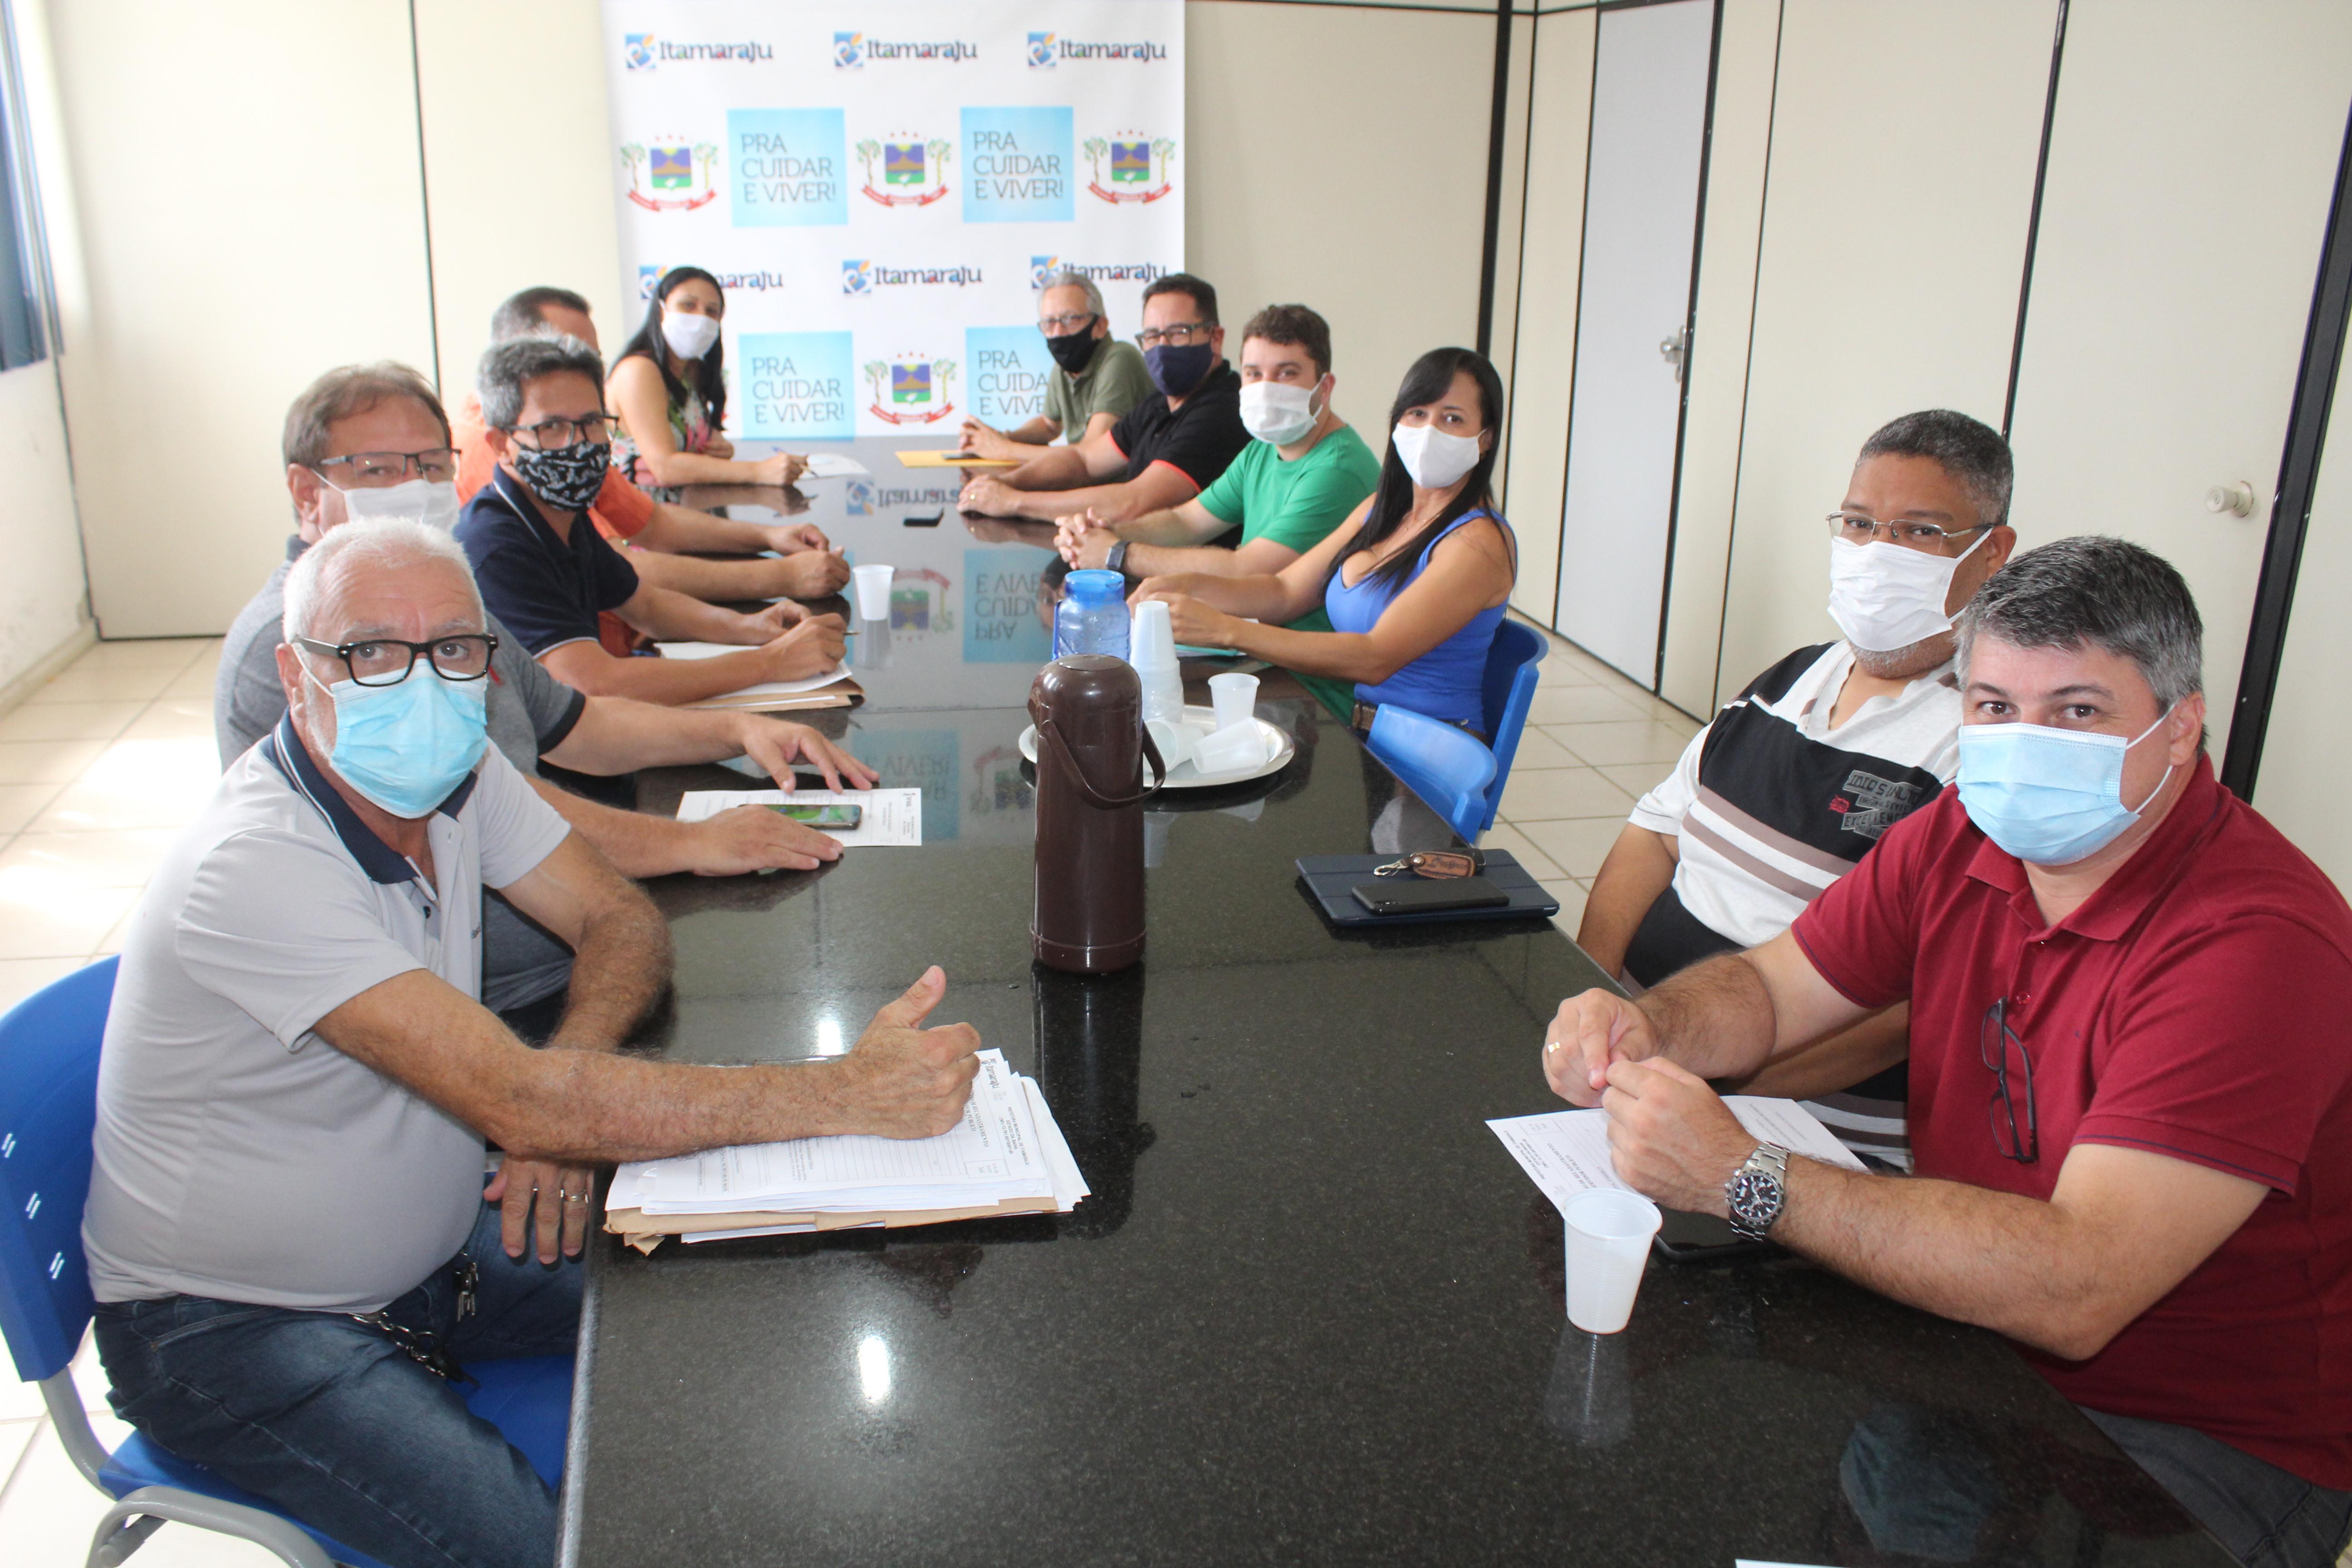 Prefeitura de Itamaraju realiza reunião de planejamento com secretários municipais